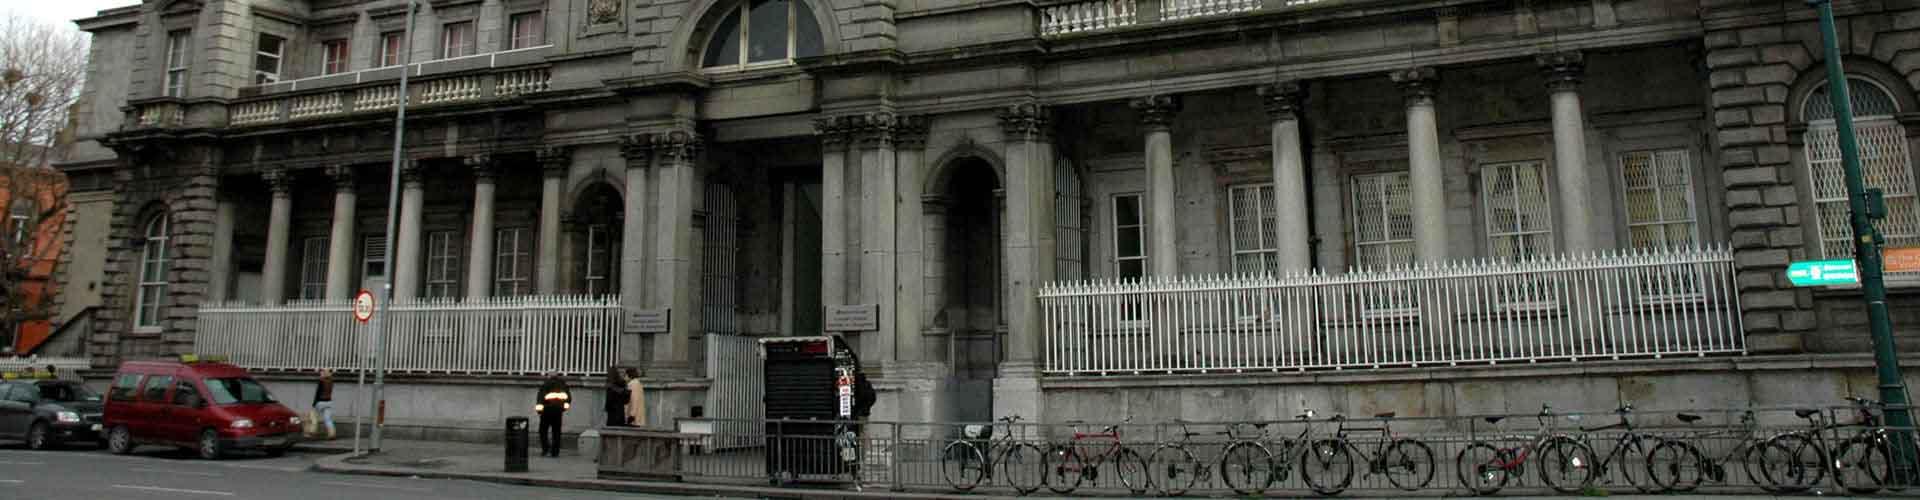 ダブリン – ダブリン·コノリー駅の近くにあるホステル. 地図 ダブリン, すべてのホステルの写真とレビュー ダブリン.